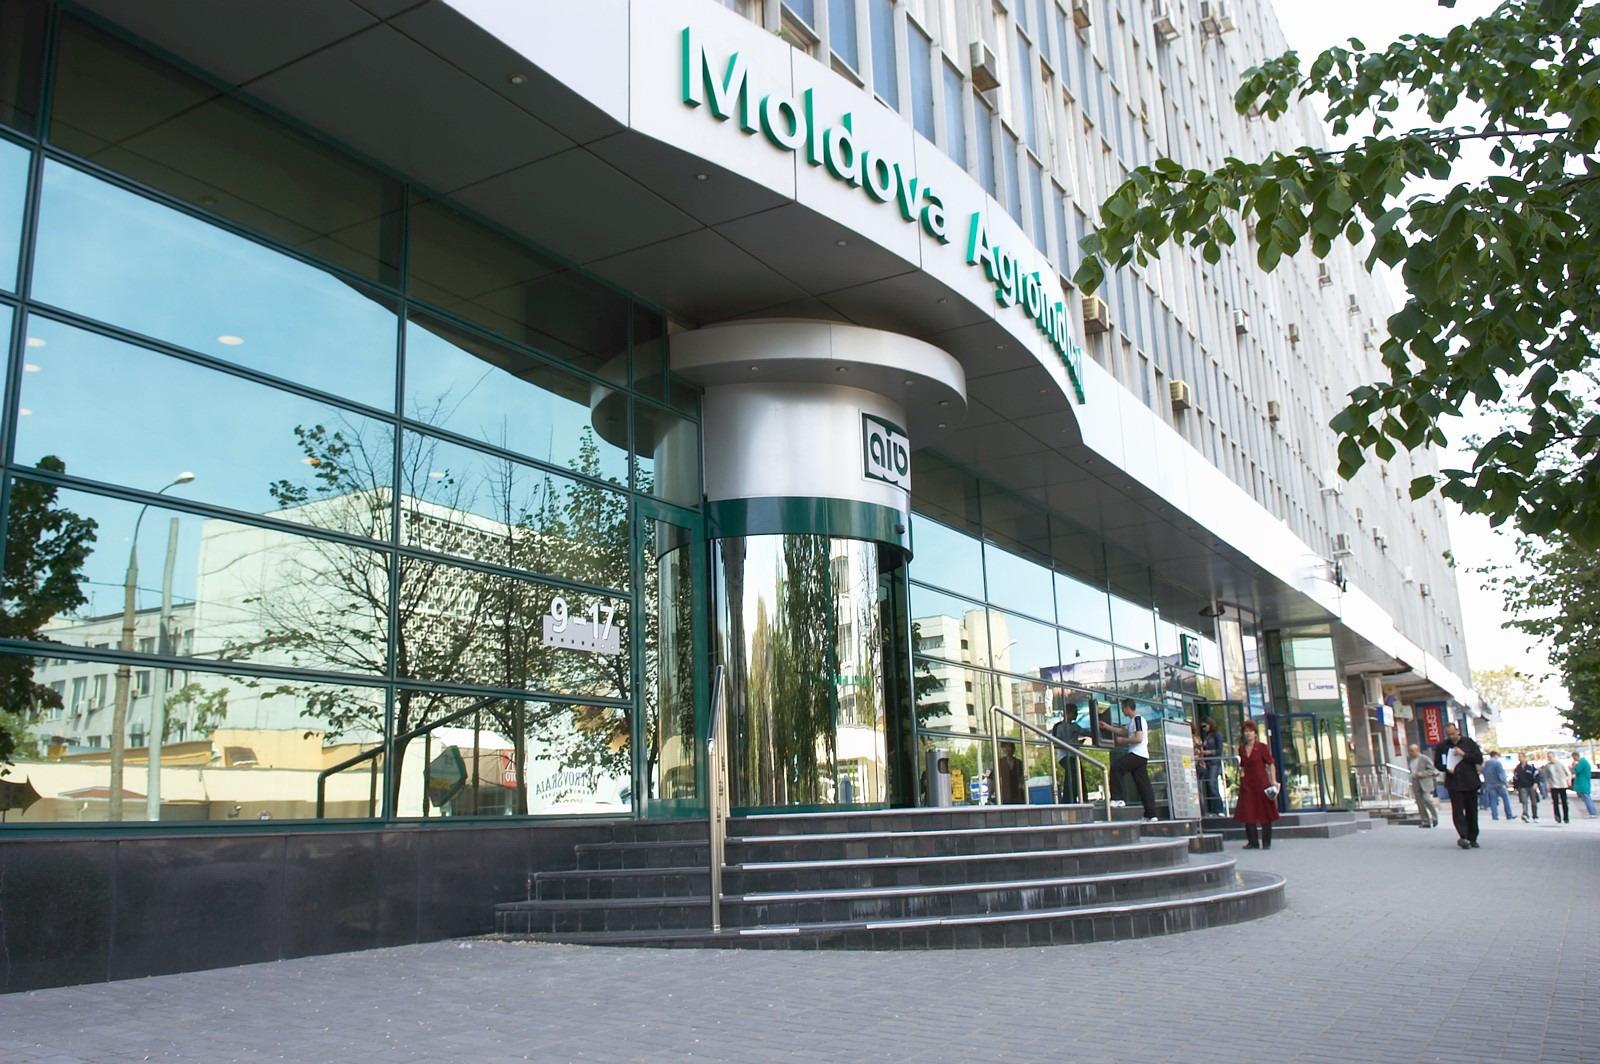 Agenția Proprietății Publice a cumpărat acțiunile Moldova-Agroindbank. Ce urmează